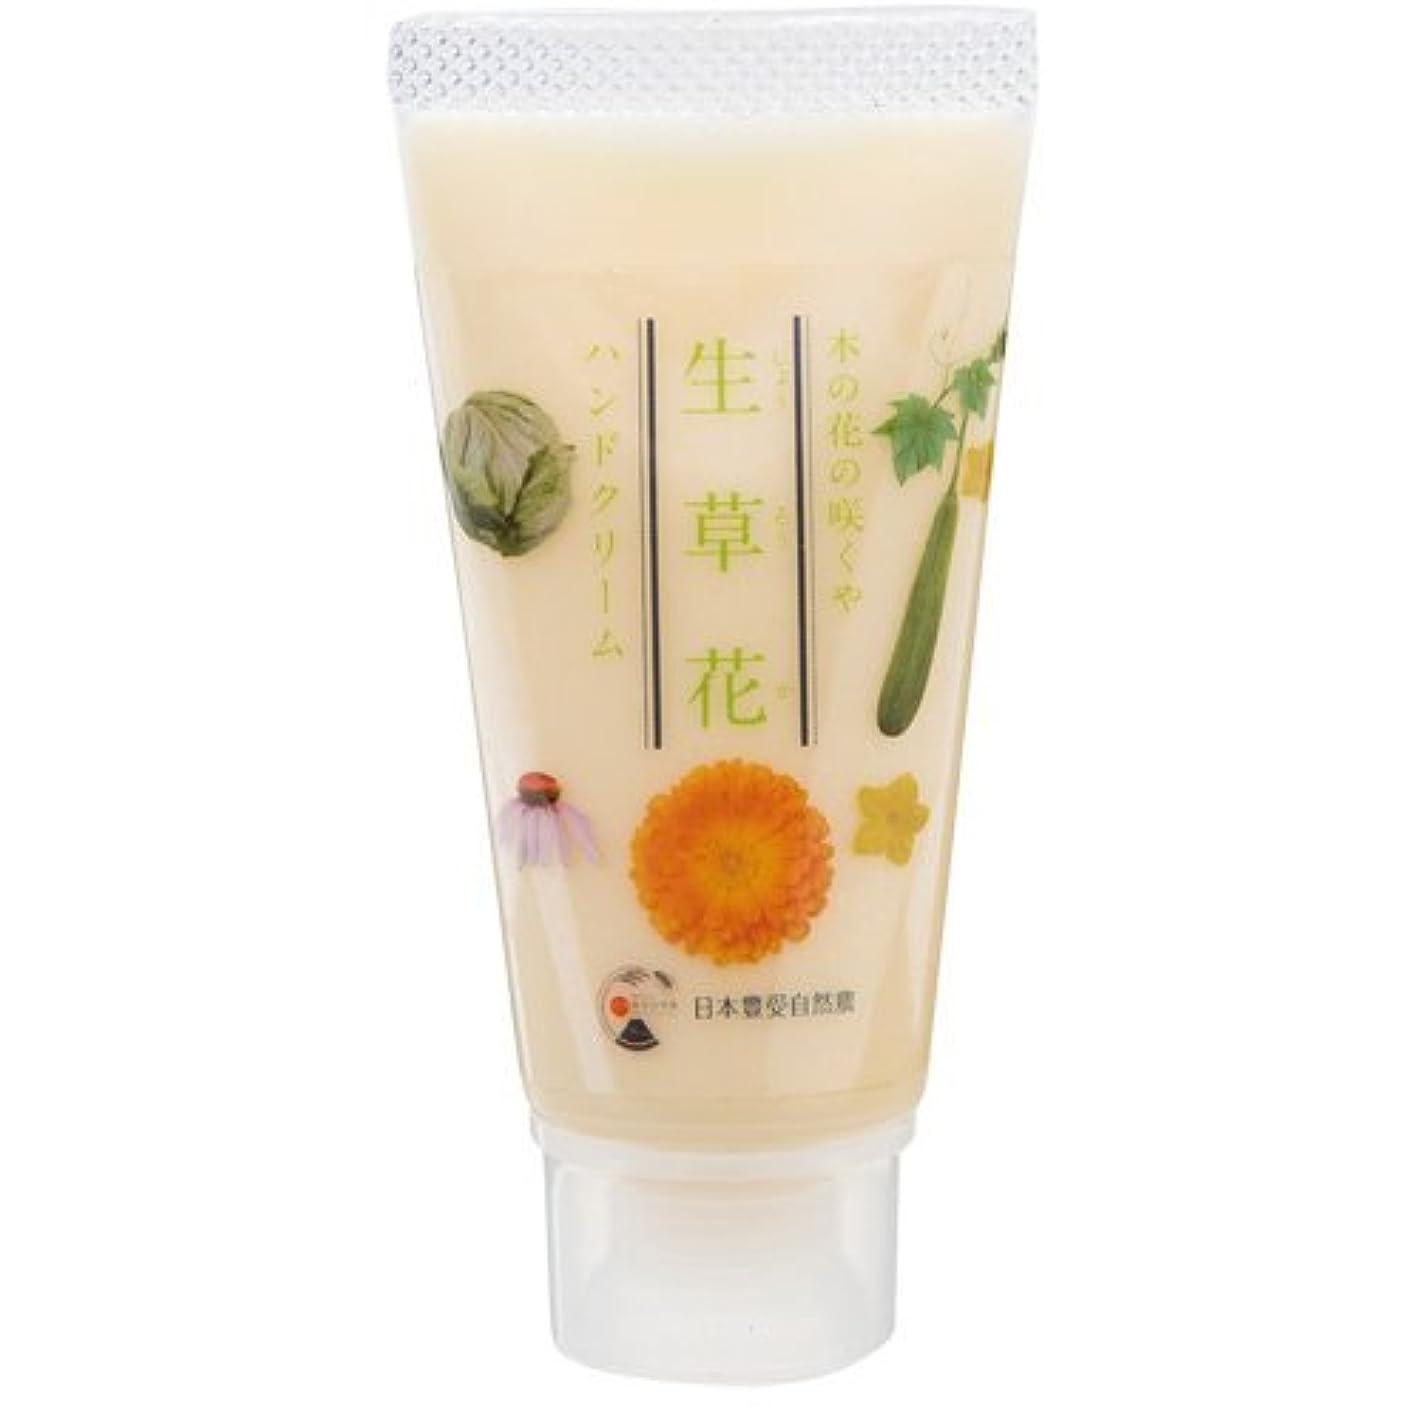 検出器モナリザオーラル日本豊受自然農 木の花の咲くや 生草花 ハンドクリーム 30g